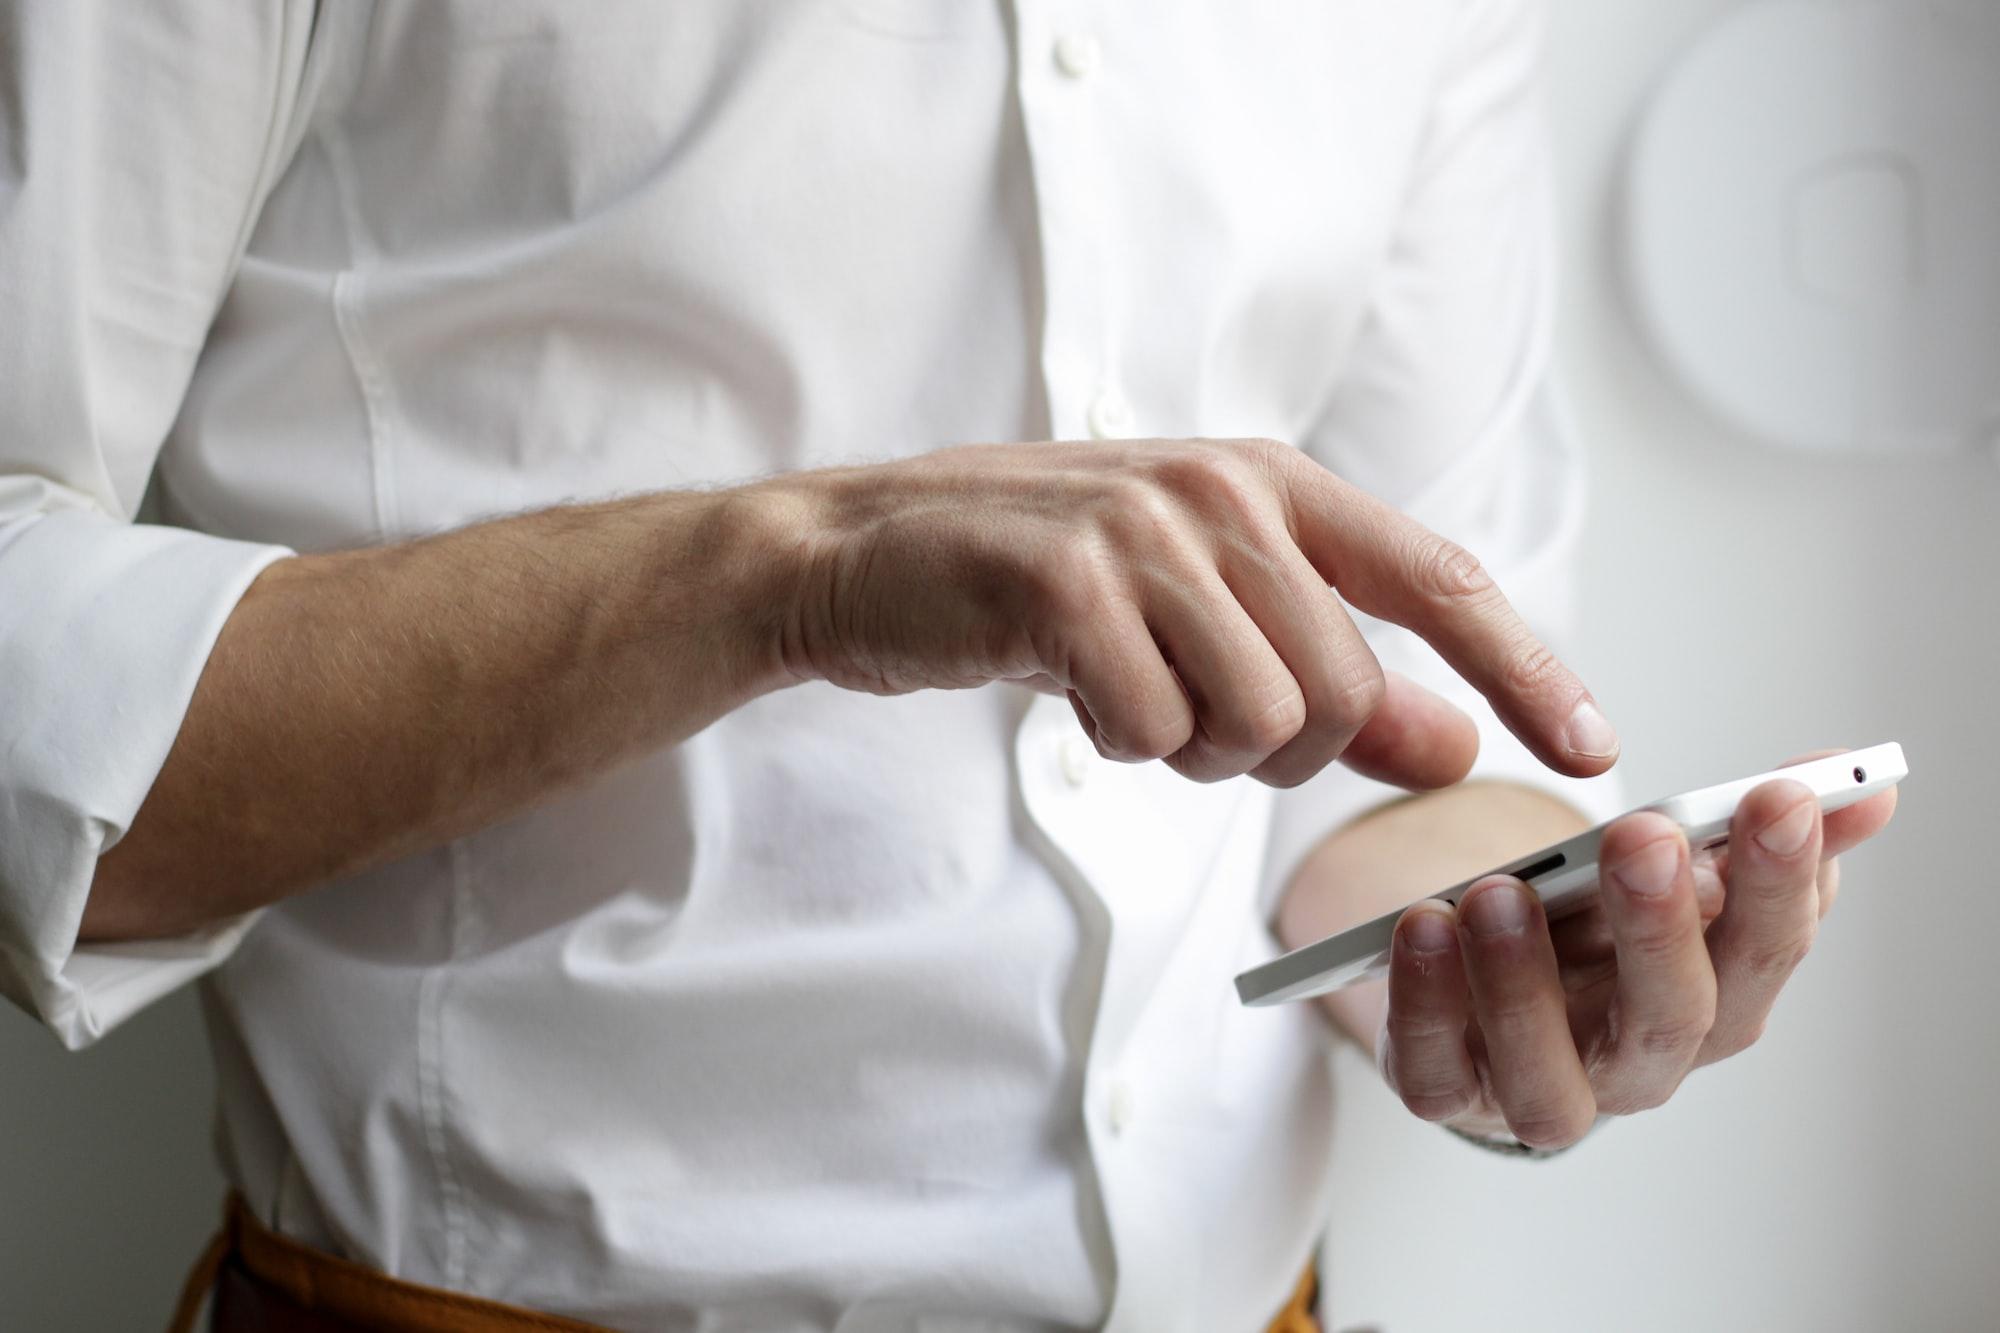 加拿大手机电信费登顶全球第一贵!背后原因不止政治权利的漩涡